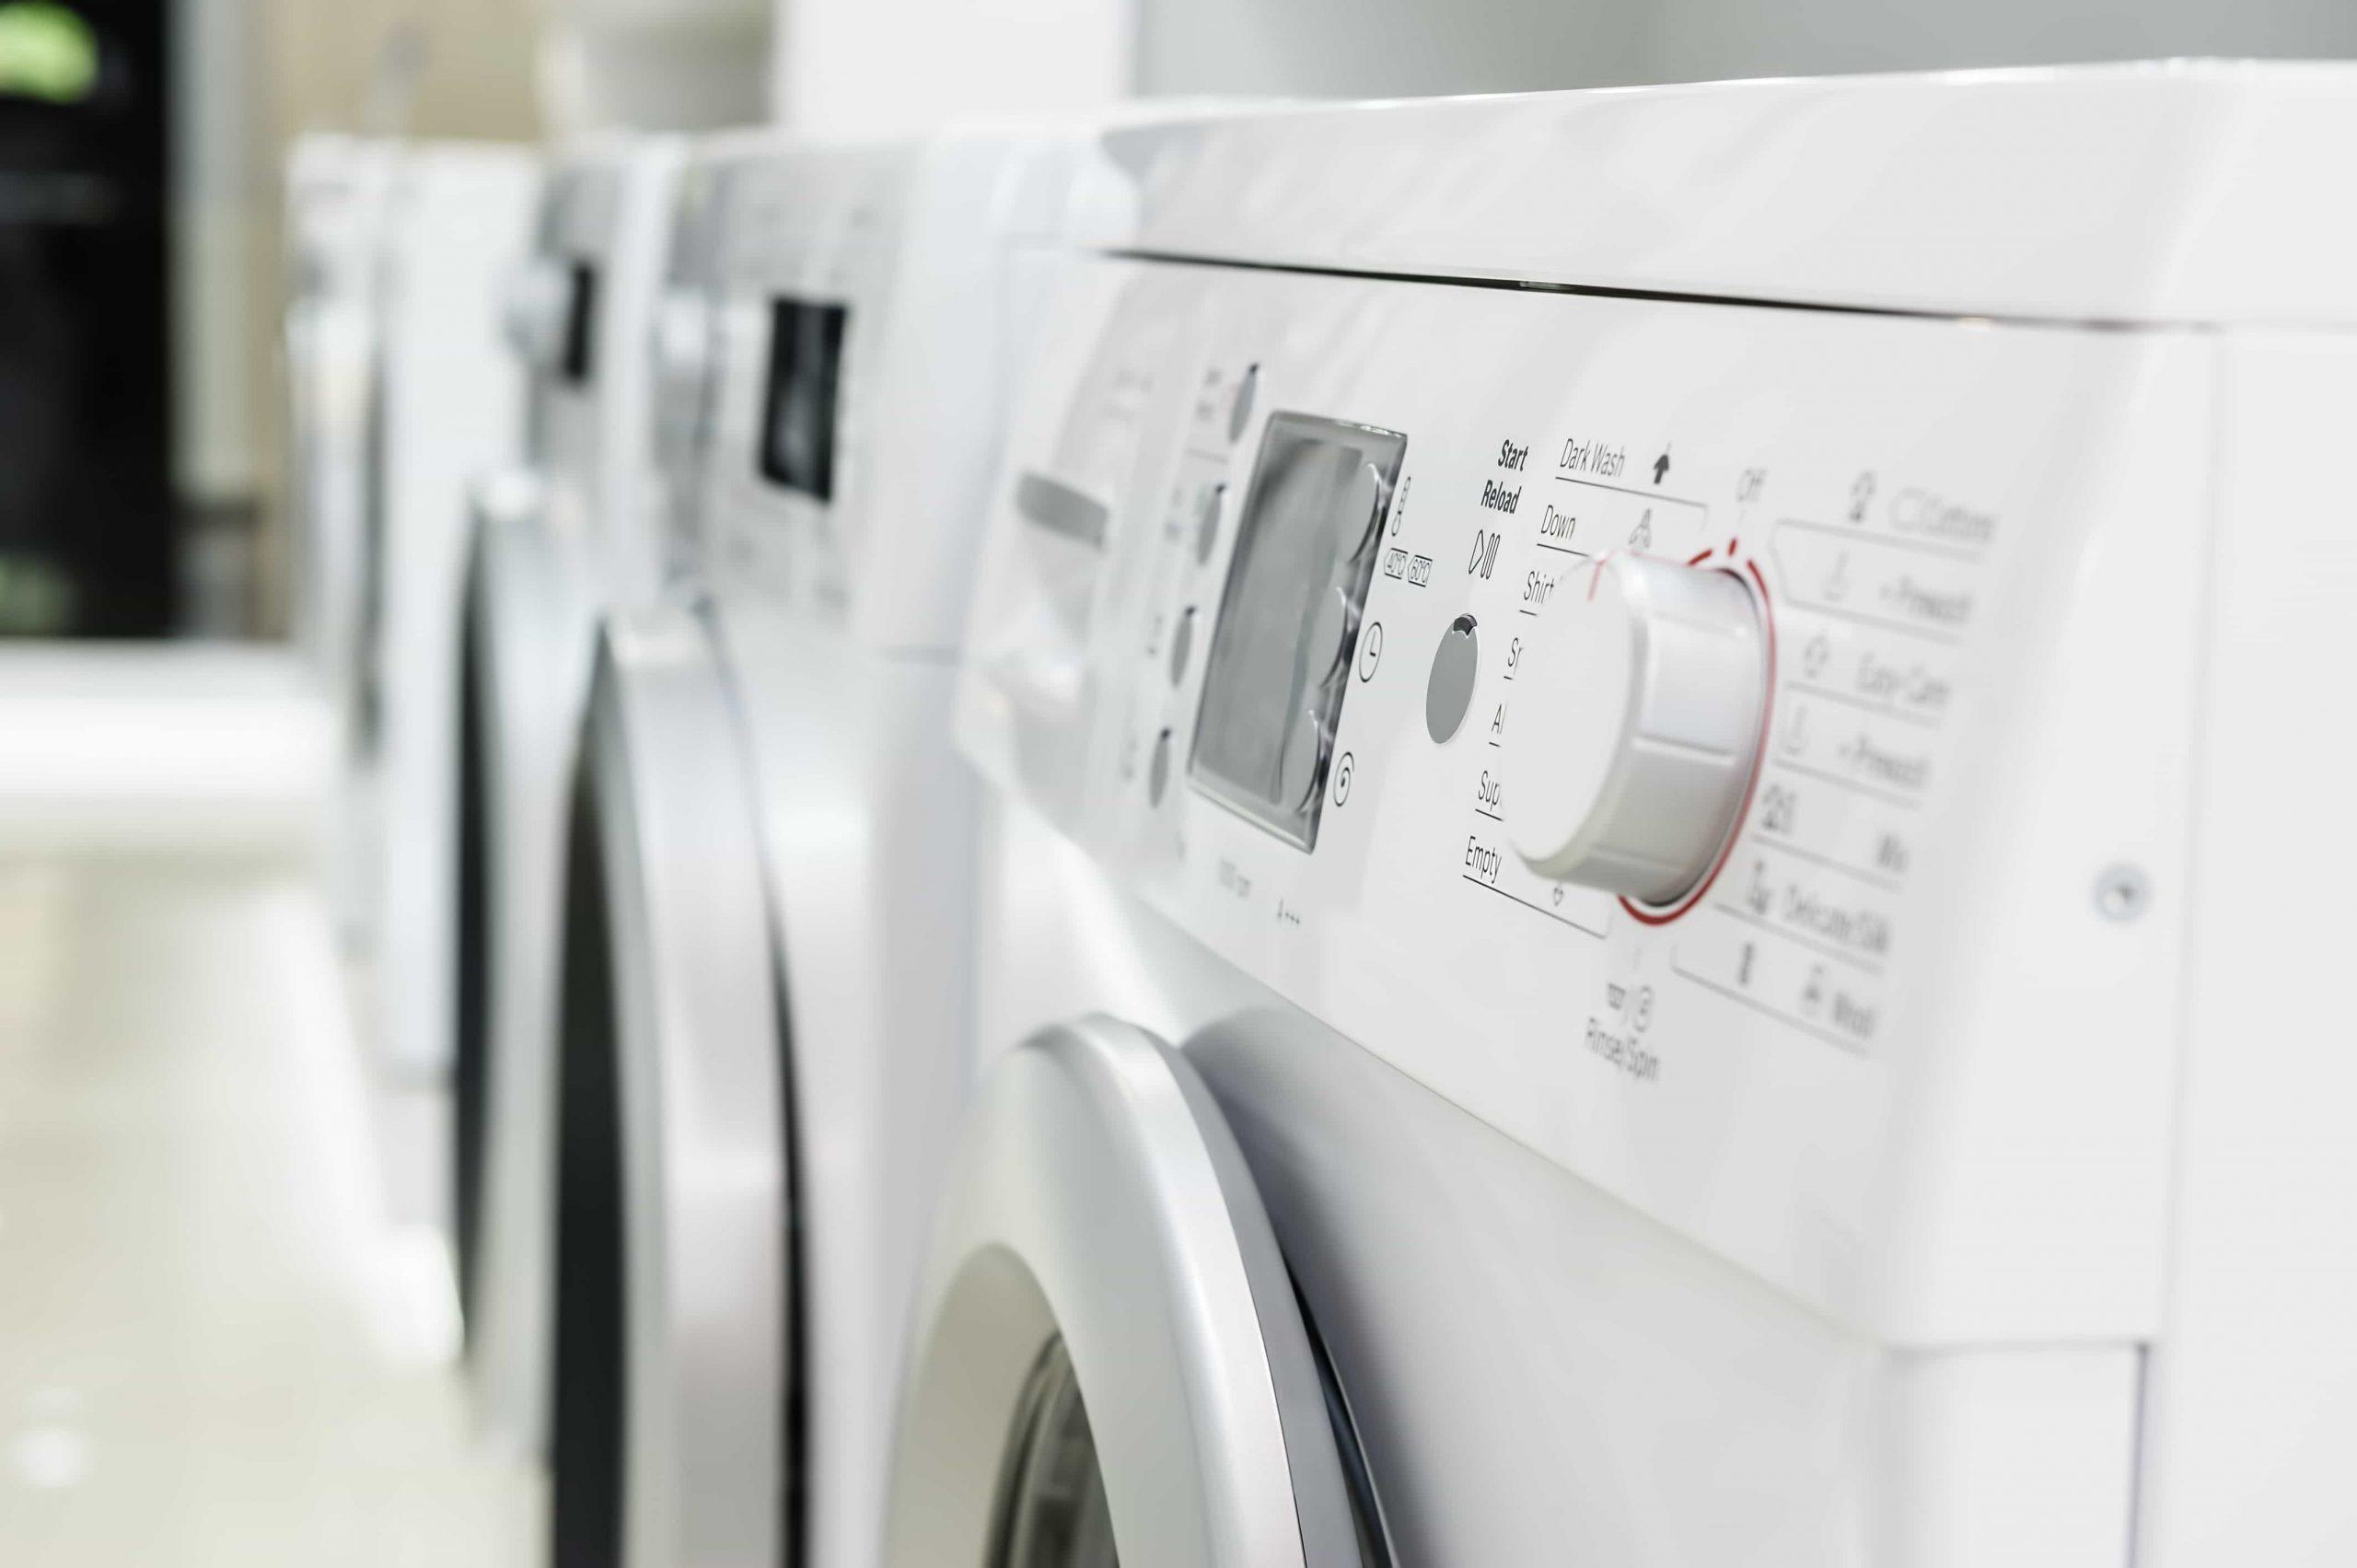 Electrodomésticos modernos en fila